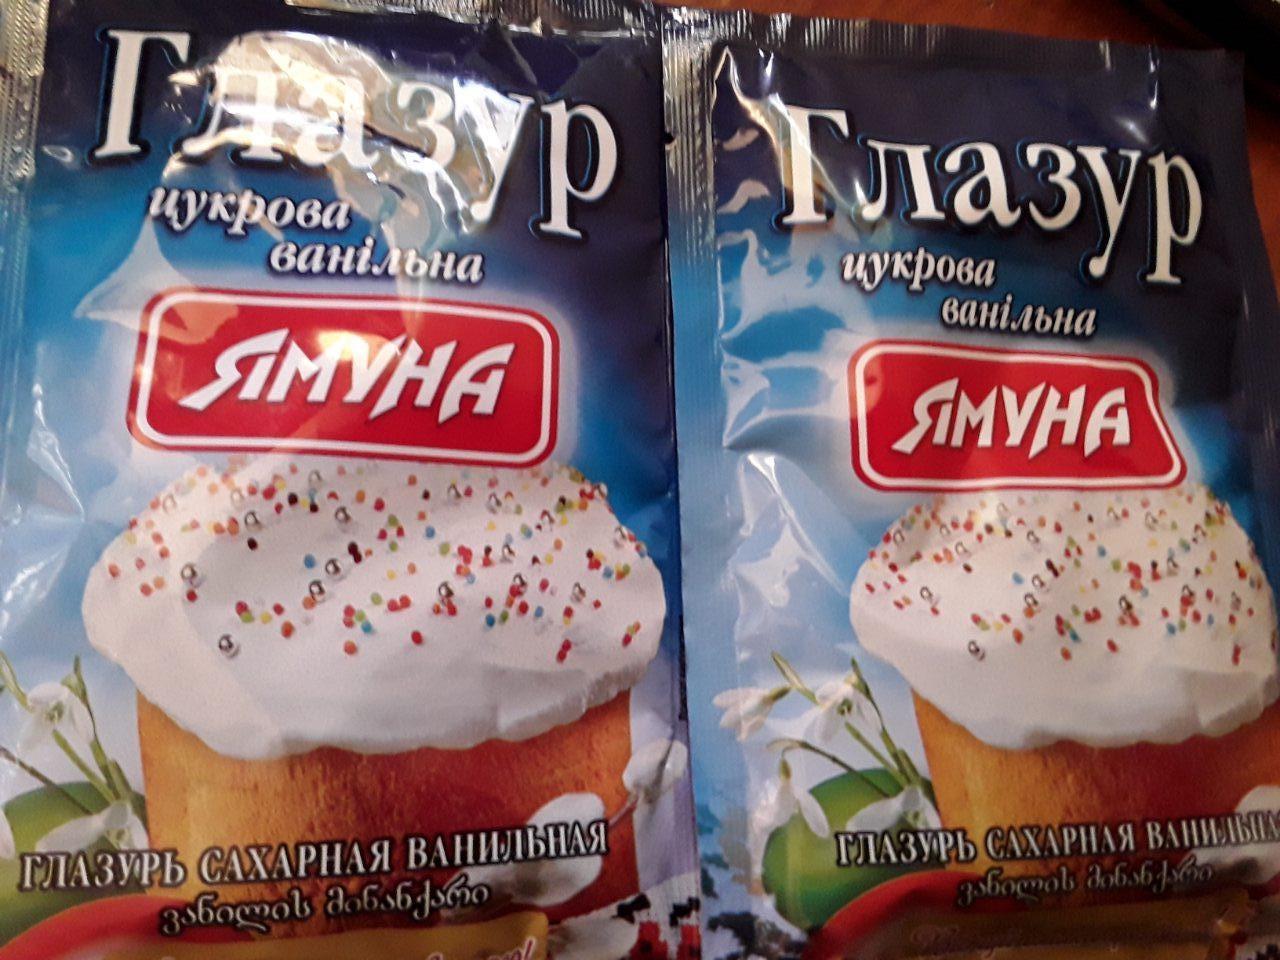 Глазурь белая с ванильным вкусом 75 грамм